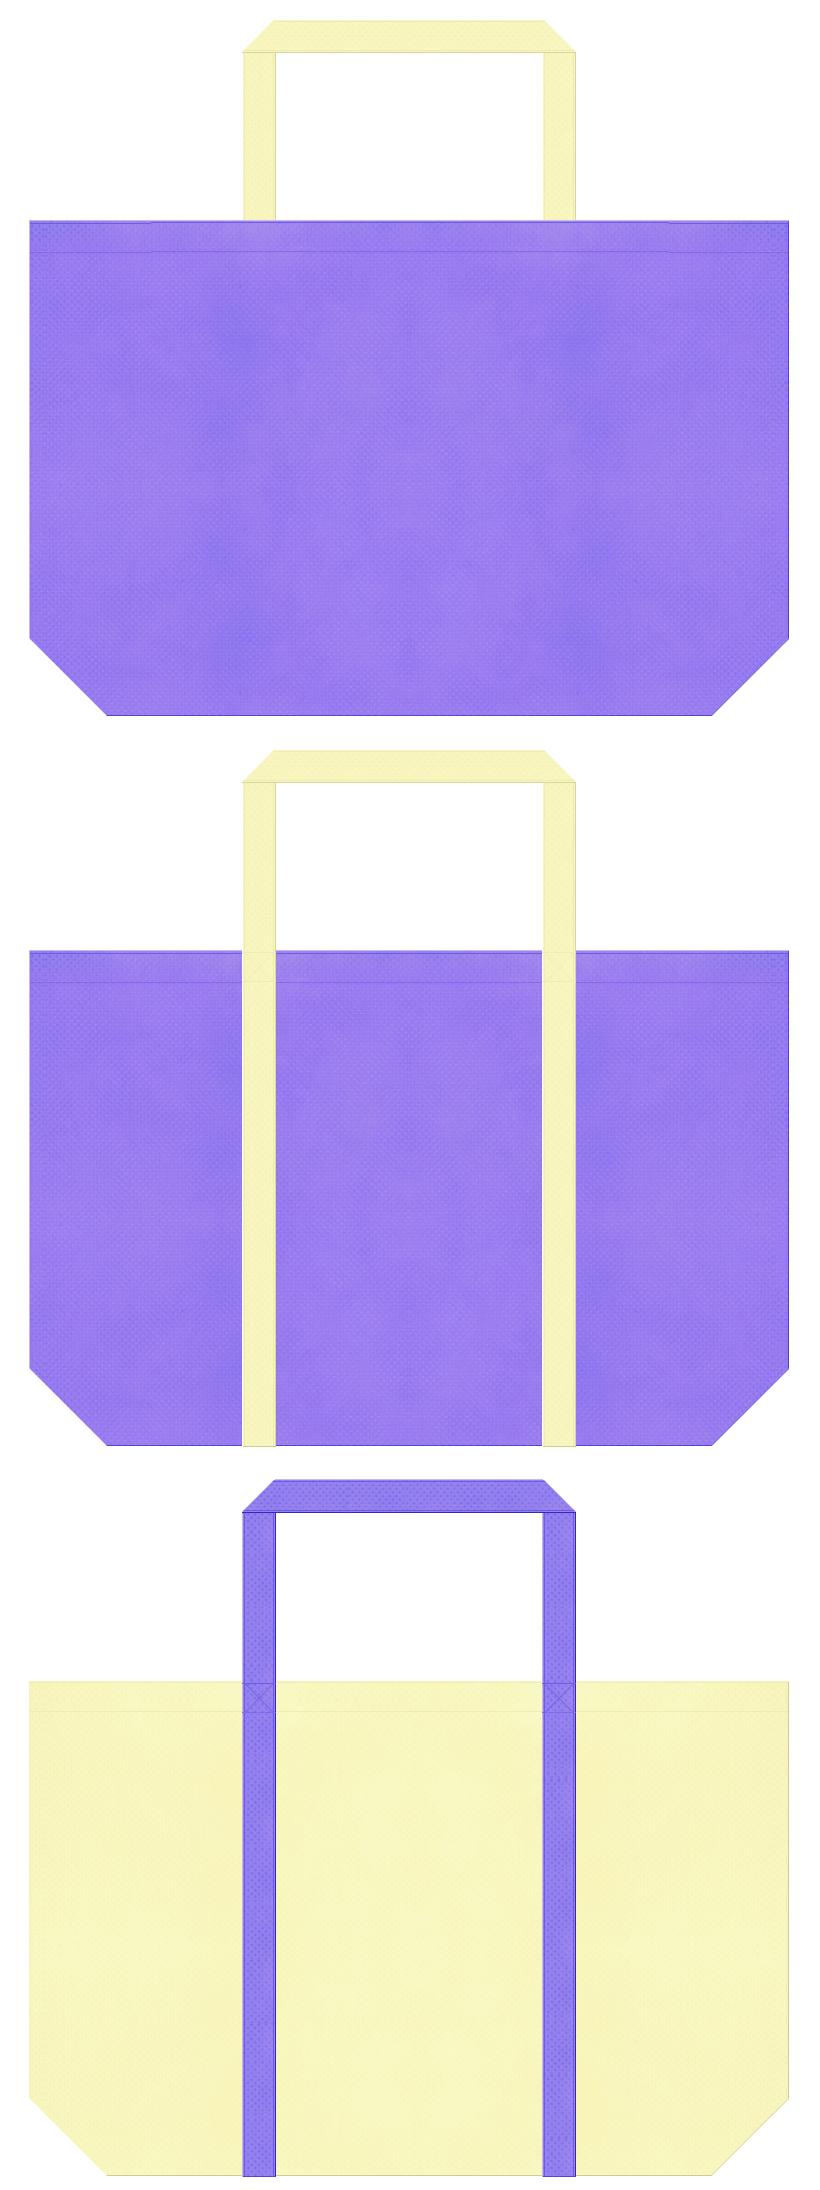 パステルカラーの不織布ショッピングバッグ:薄紫色と薄黄色のデザイン